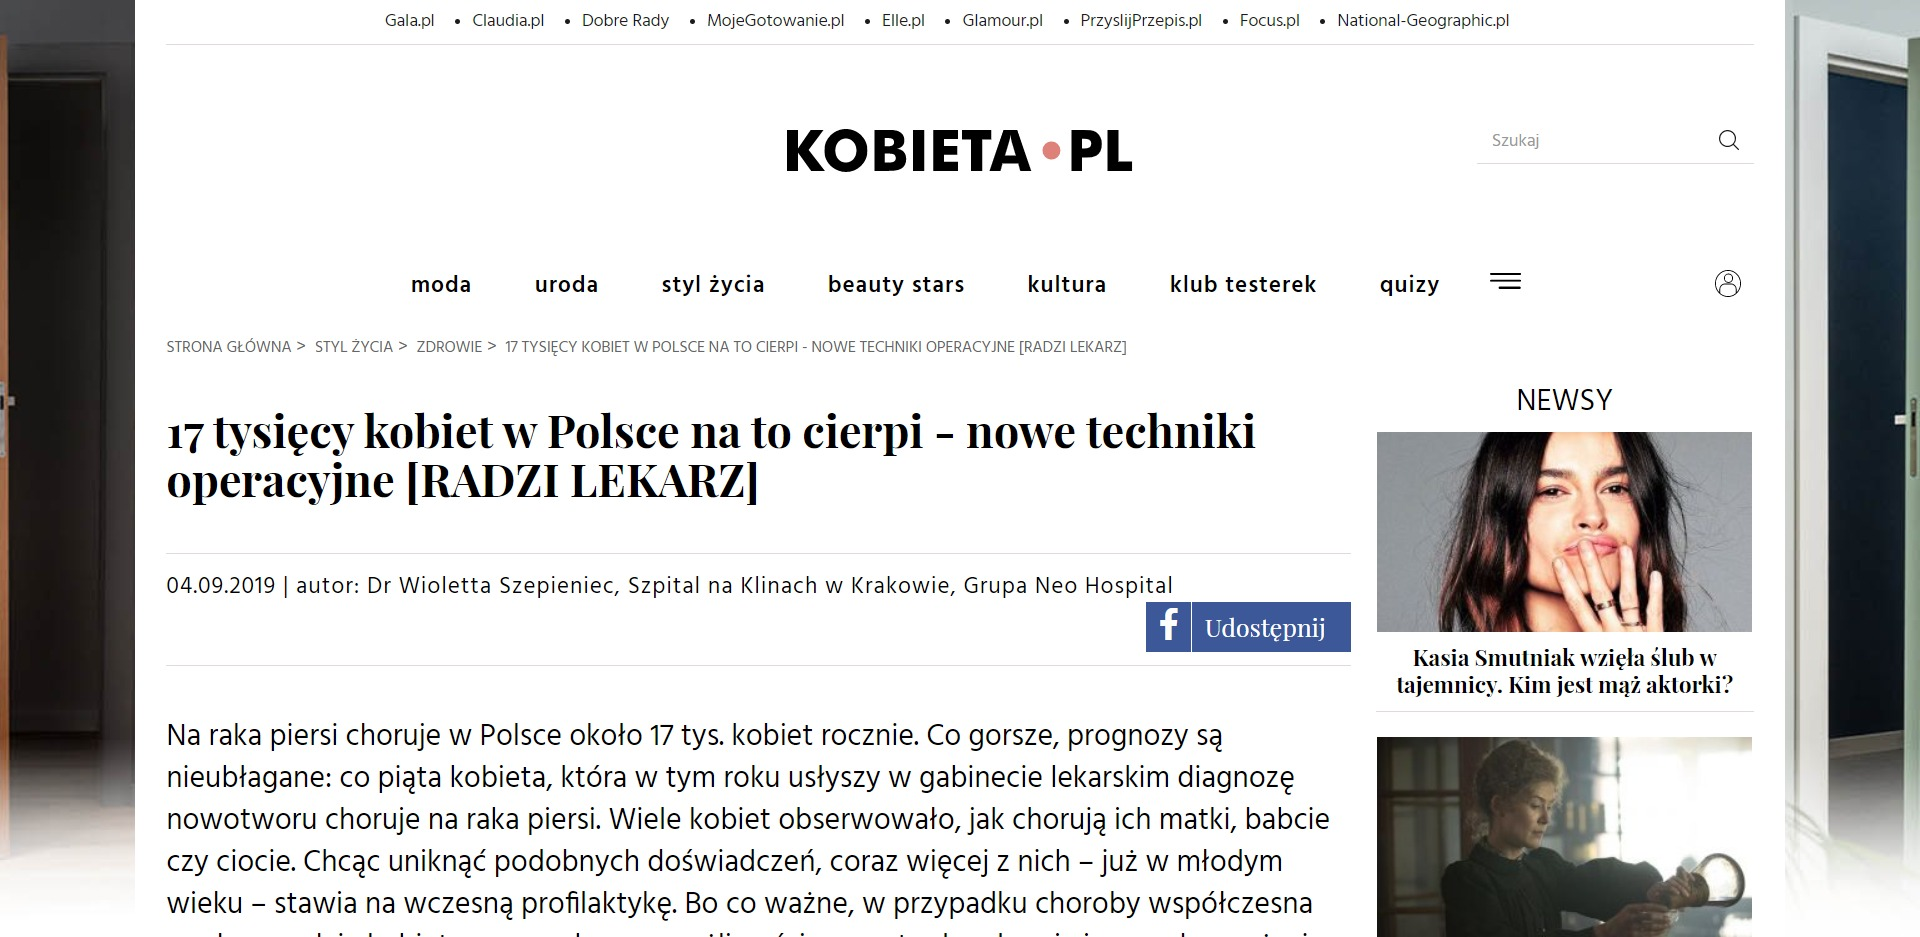 17 tysięcy kobiet w Polsce na to cierpi - nowe techniki operacyjne